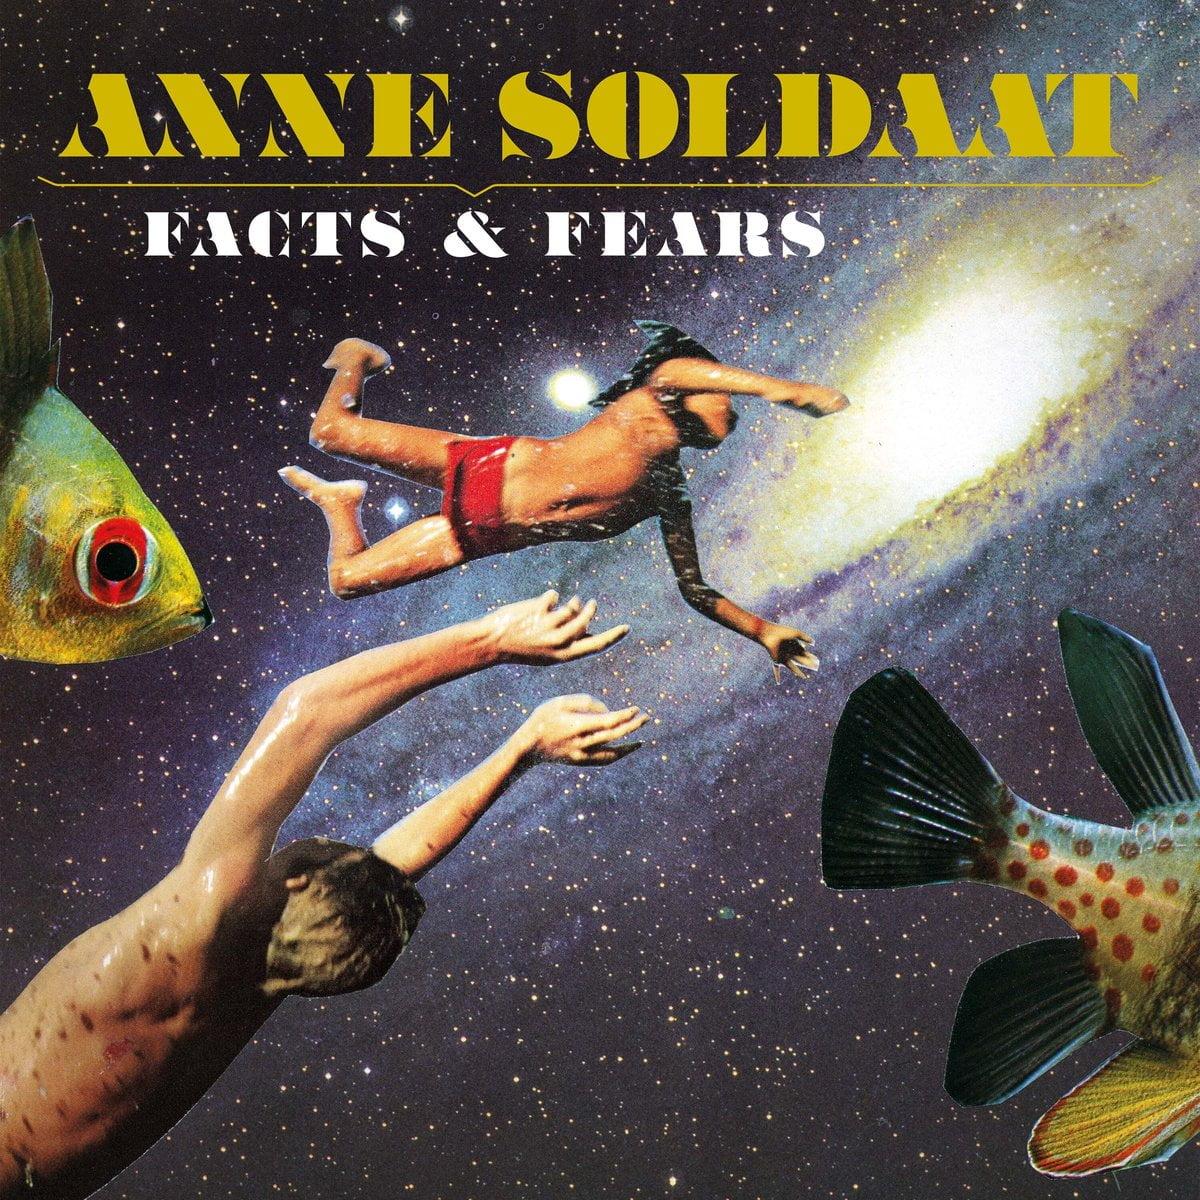 Anne Soldaat